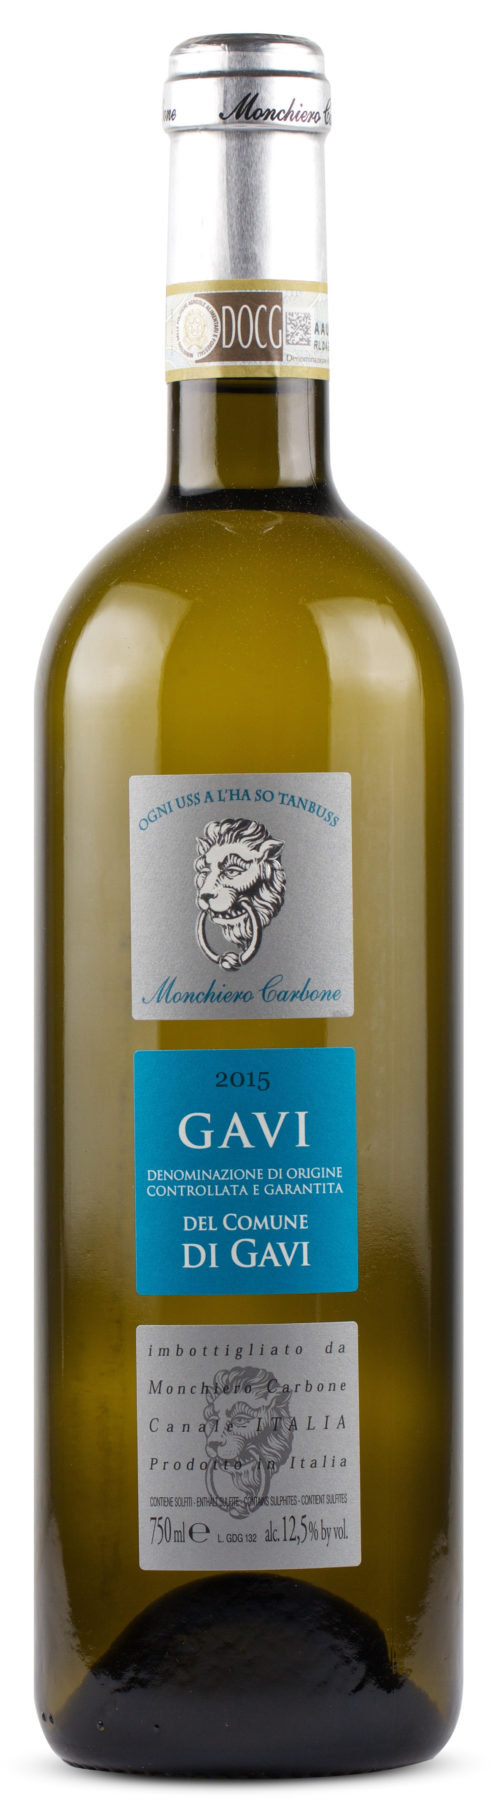 GAVI DEL COMUNE DI GAVI 2018 DOCG MONCHIERO CARBONE 0,75